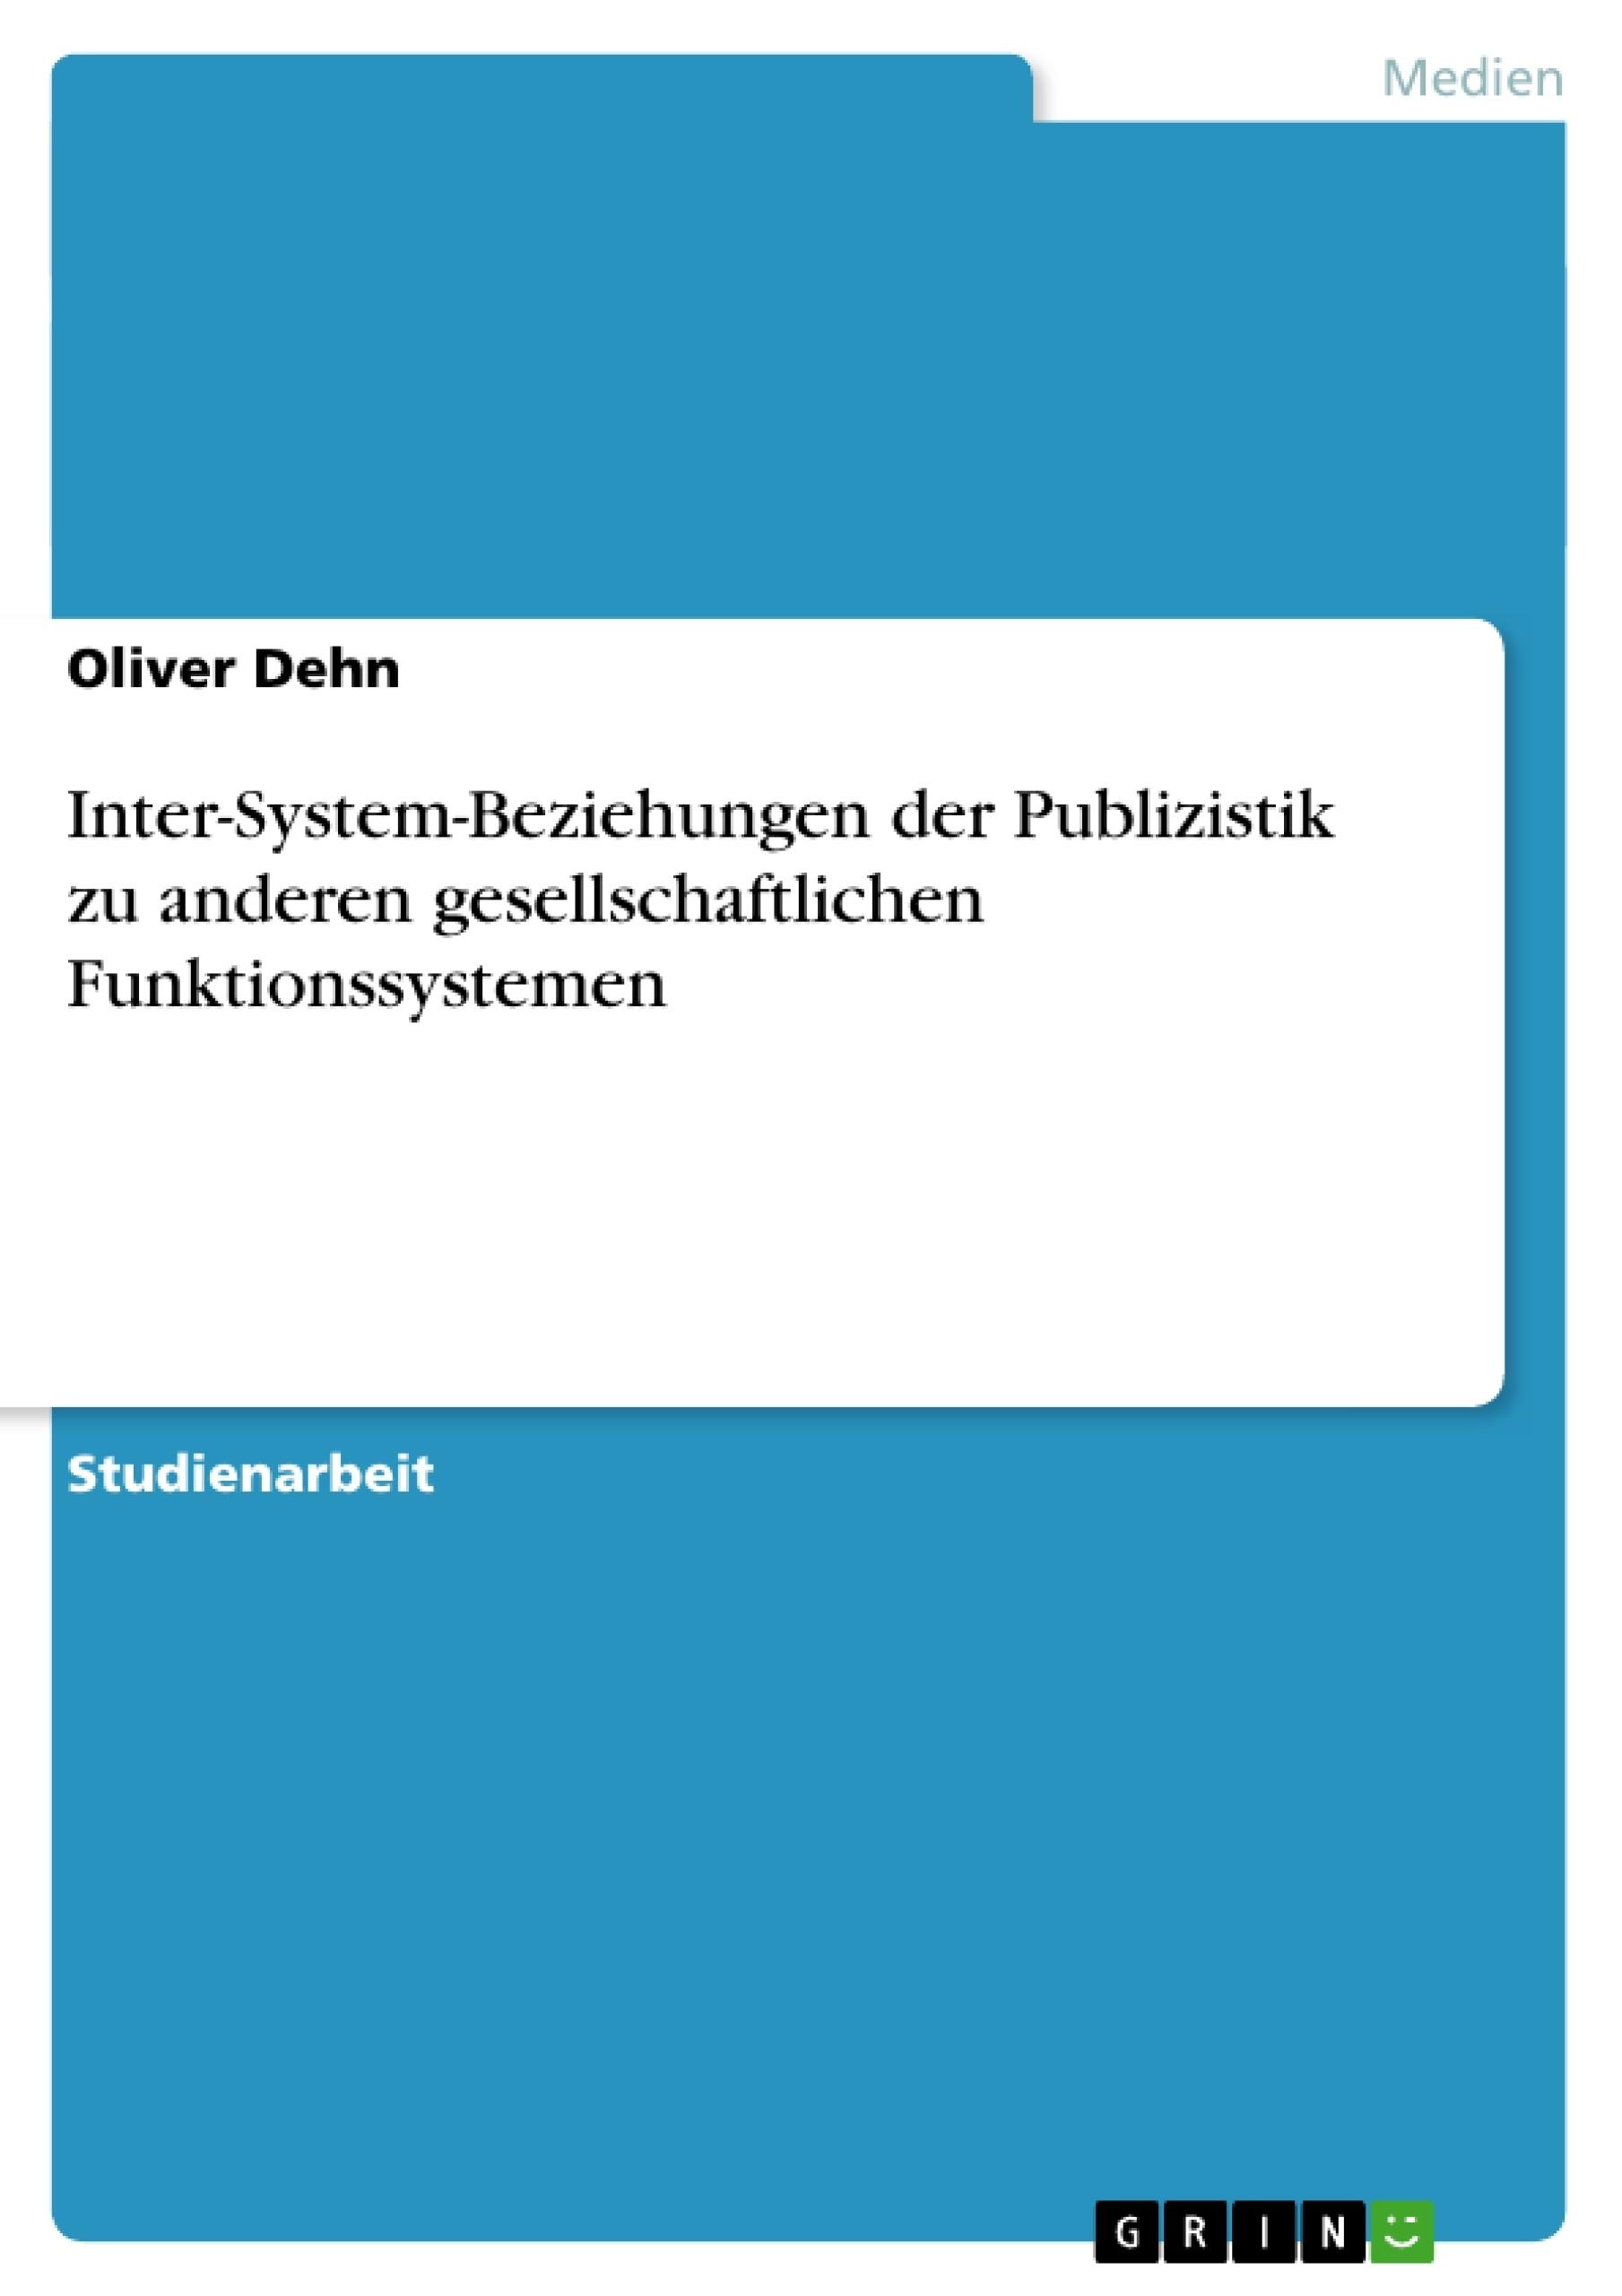 Titel: Inter-System-Beziehungen der Publizistik zu anderen gesellschaftlichen Funktionssystemen